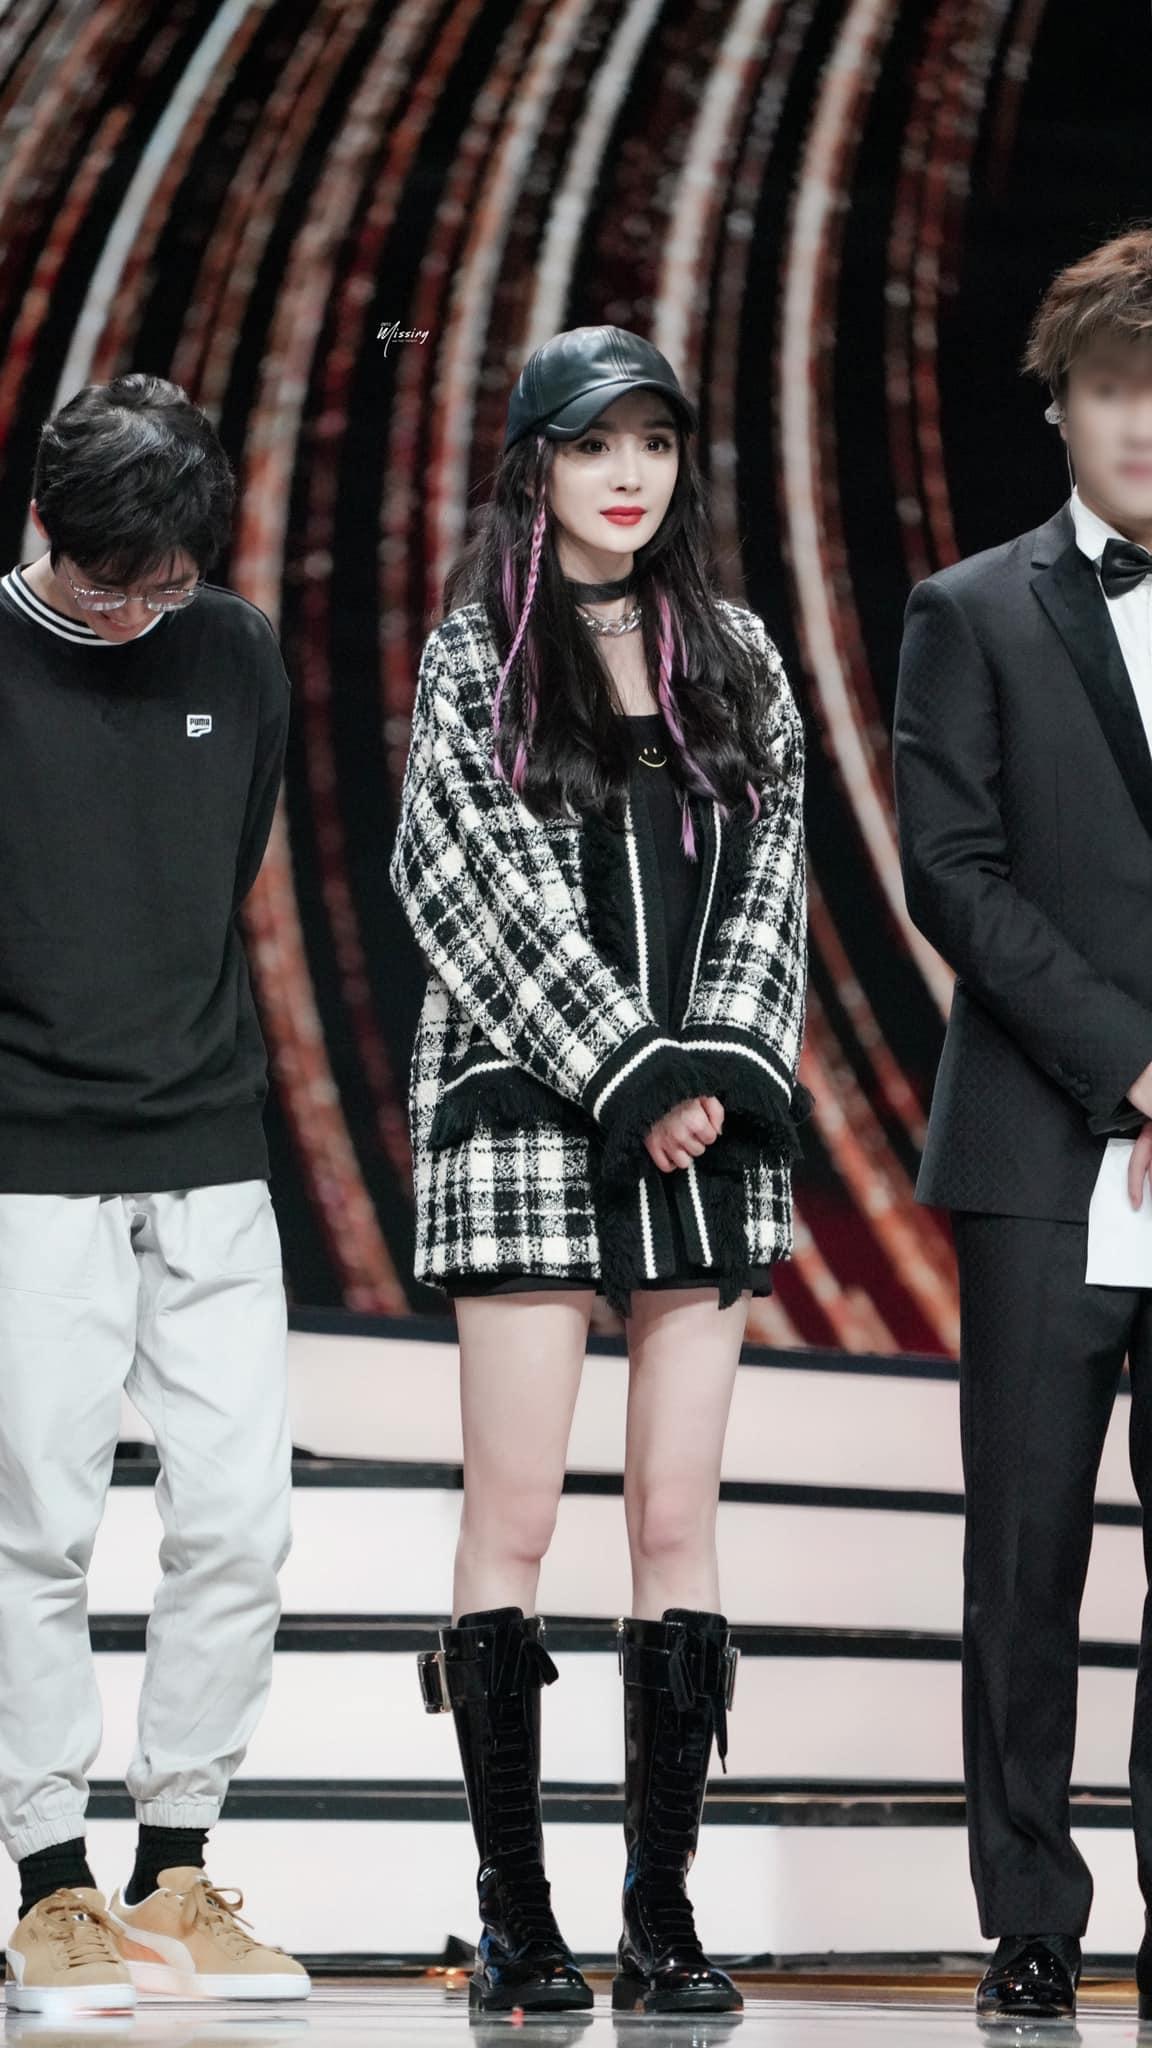 Nhờ cao tay chỉnh váy mà Dương Mịch khoe được đôi chân cực phẩm, hack tuổi trẻ trung đến gái 20 cũng ghen tị - Ảnh 5.